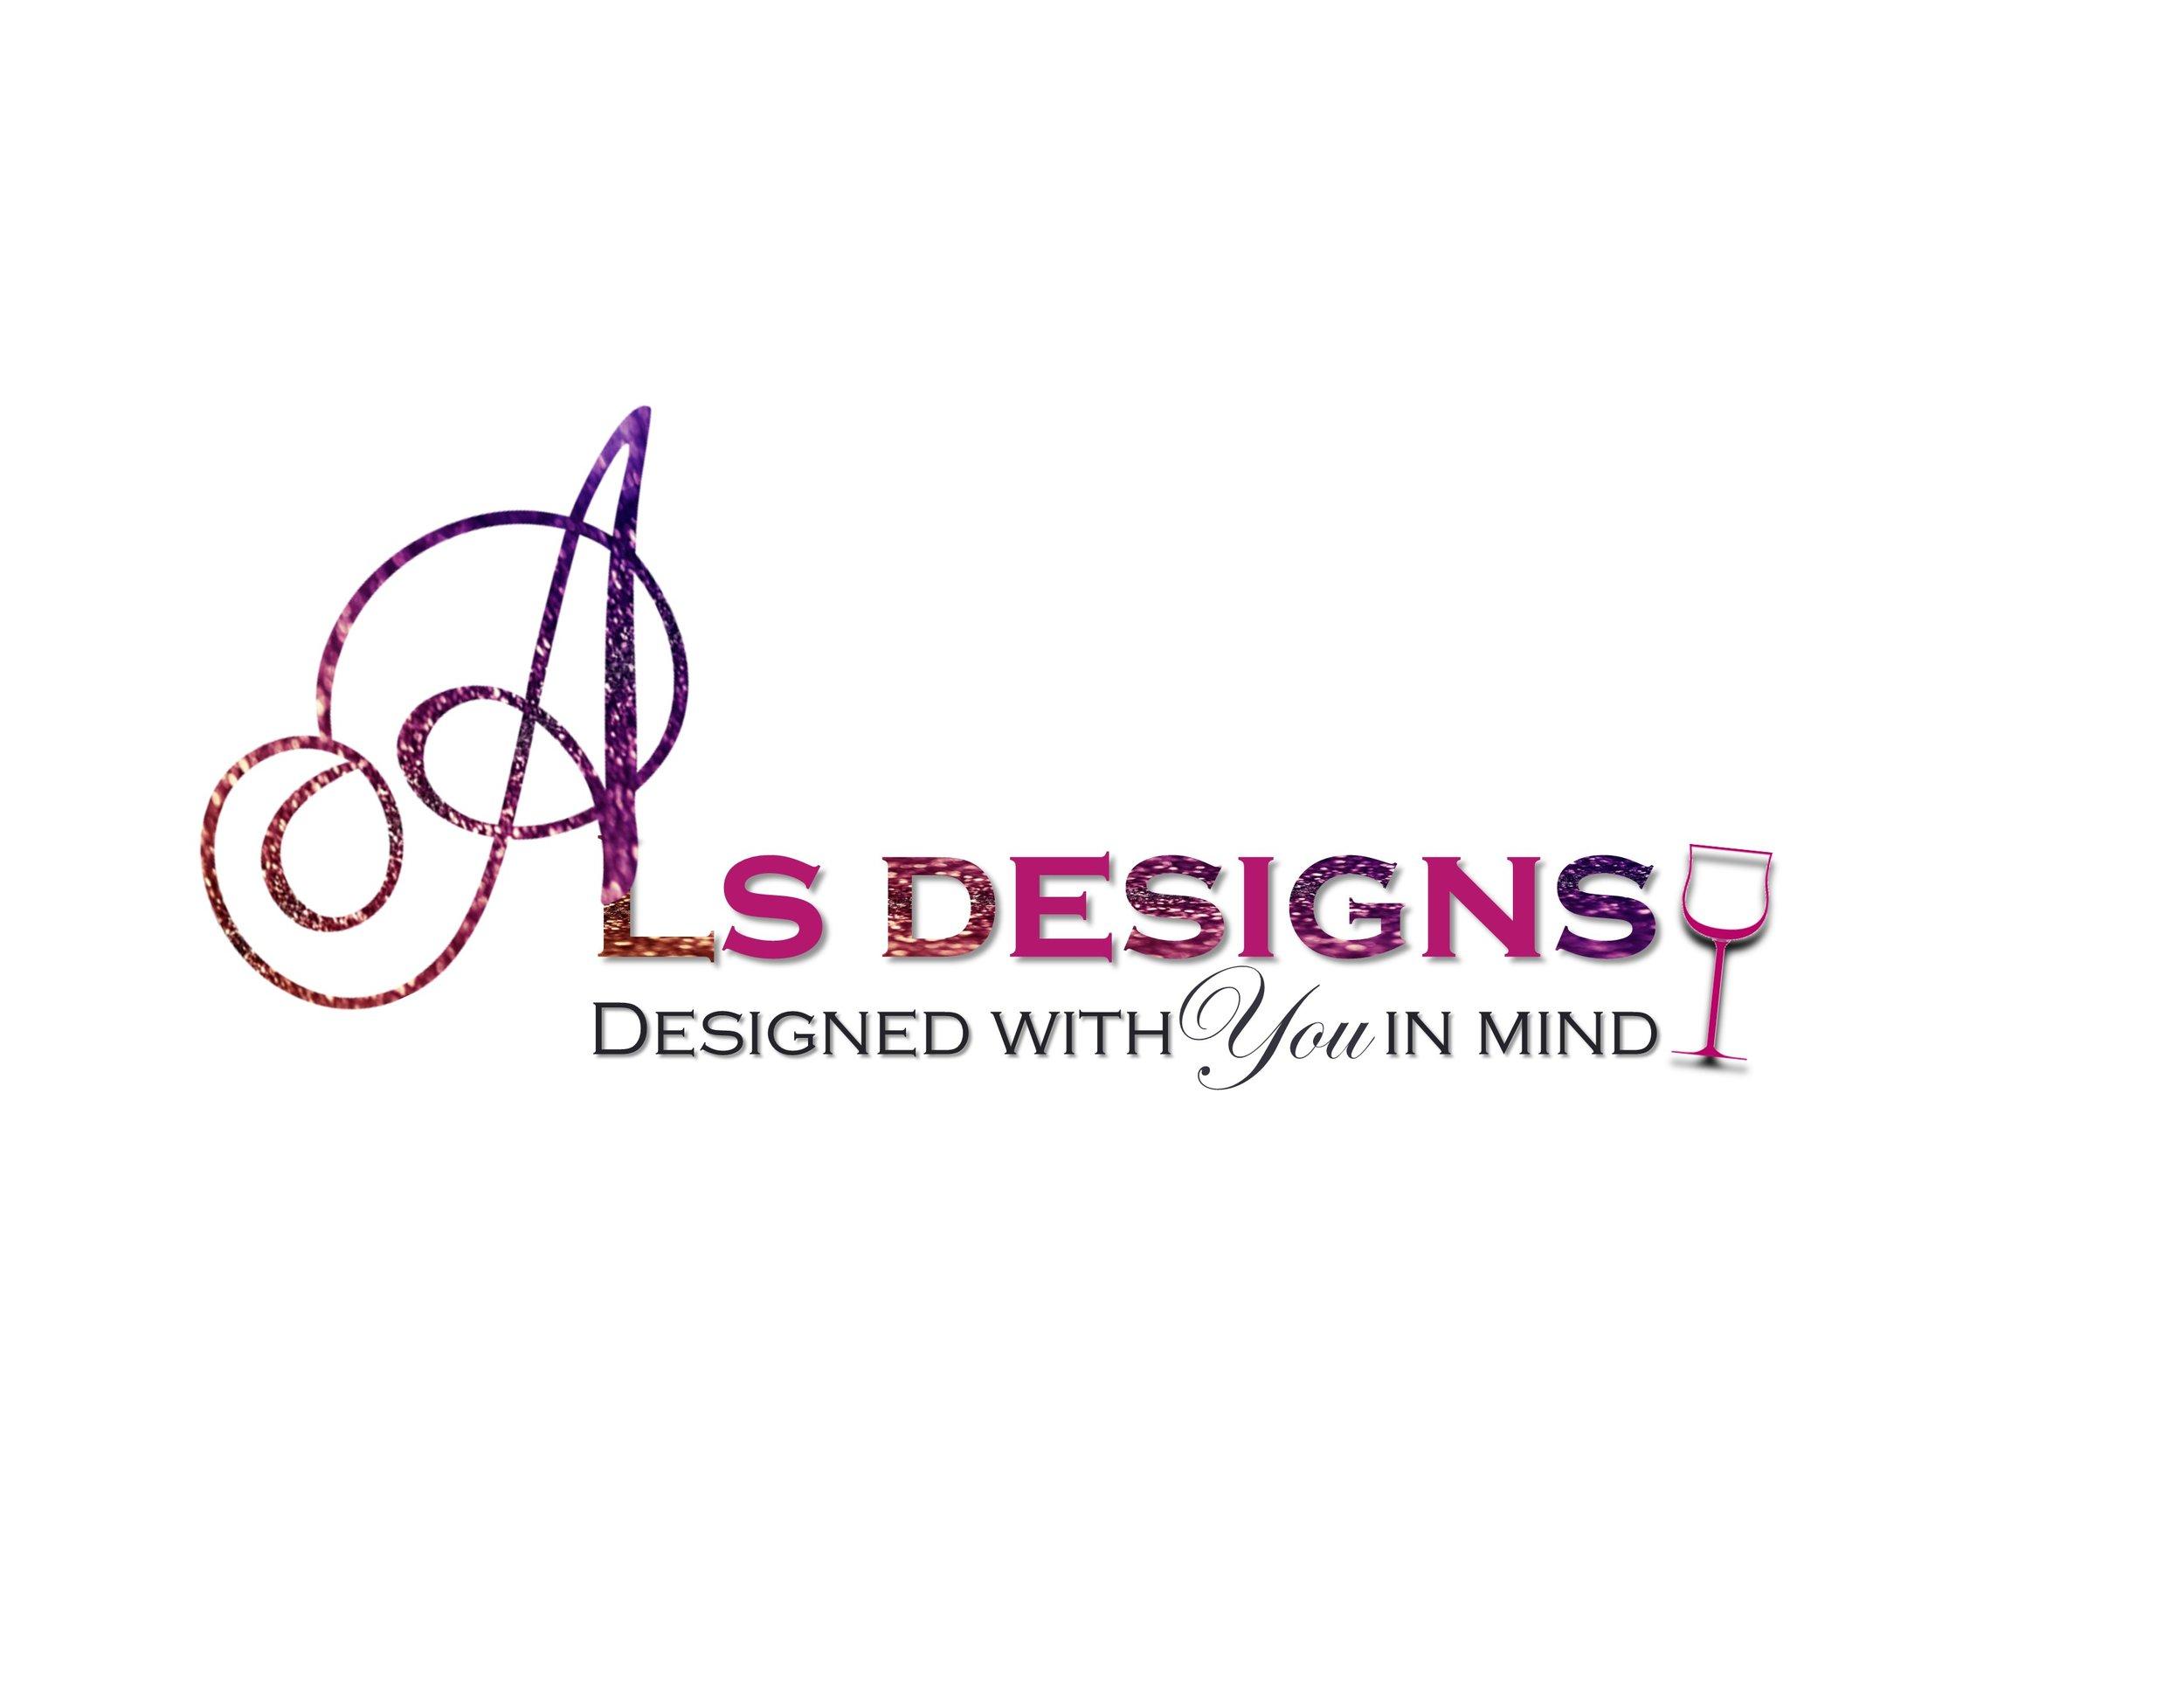 ALS Designs Final Logo - White.jpg